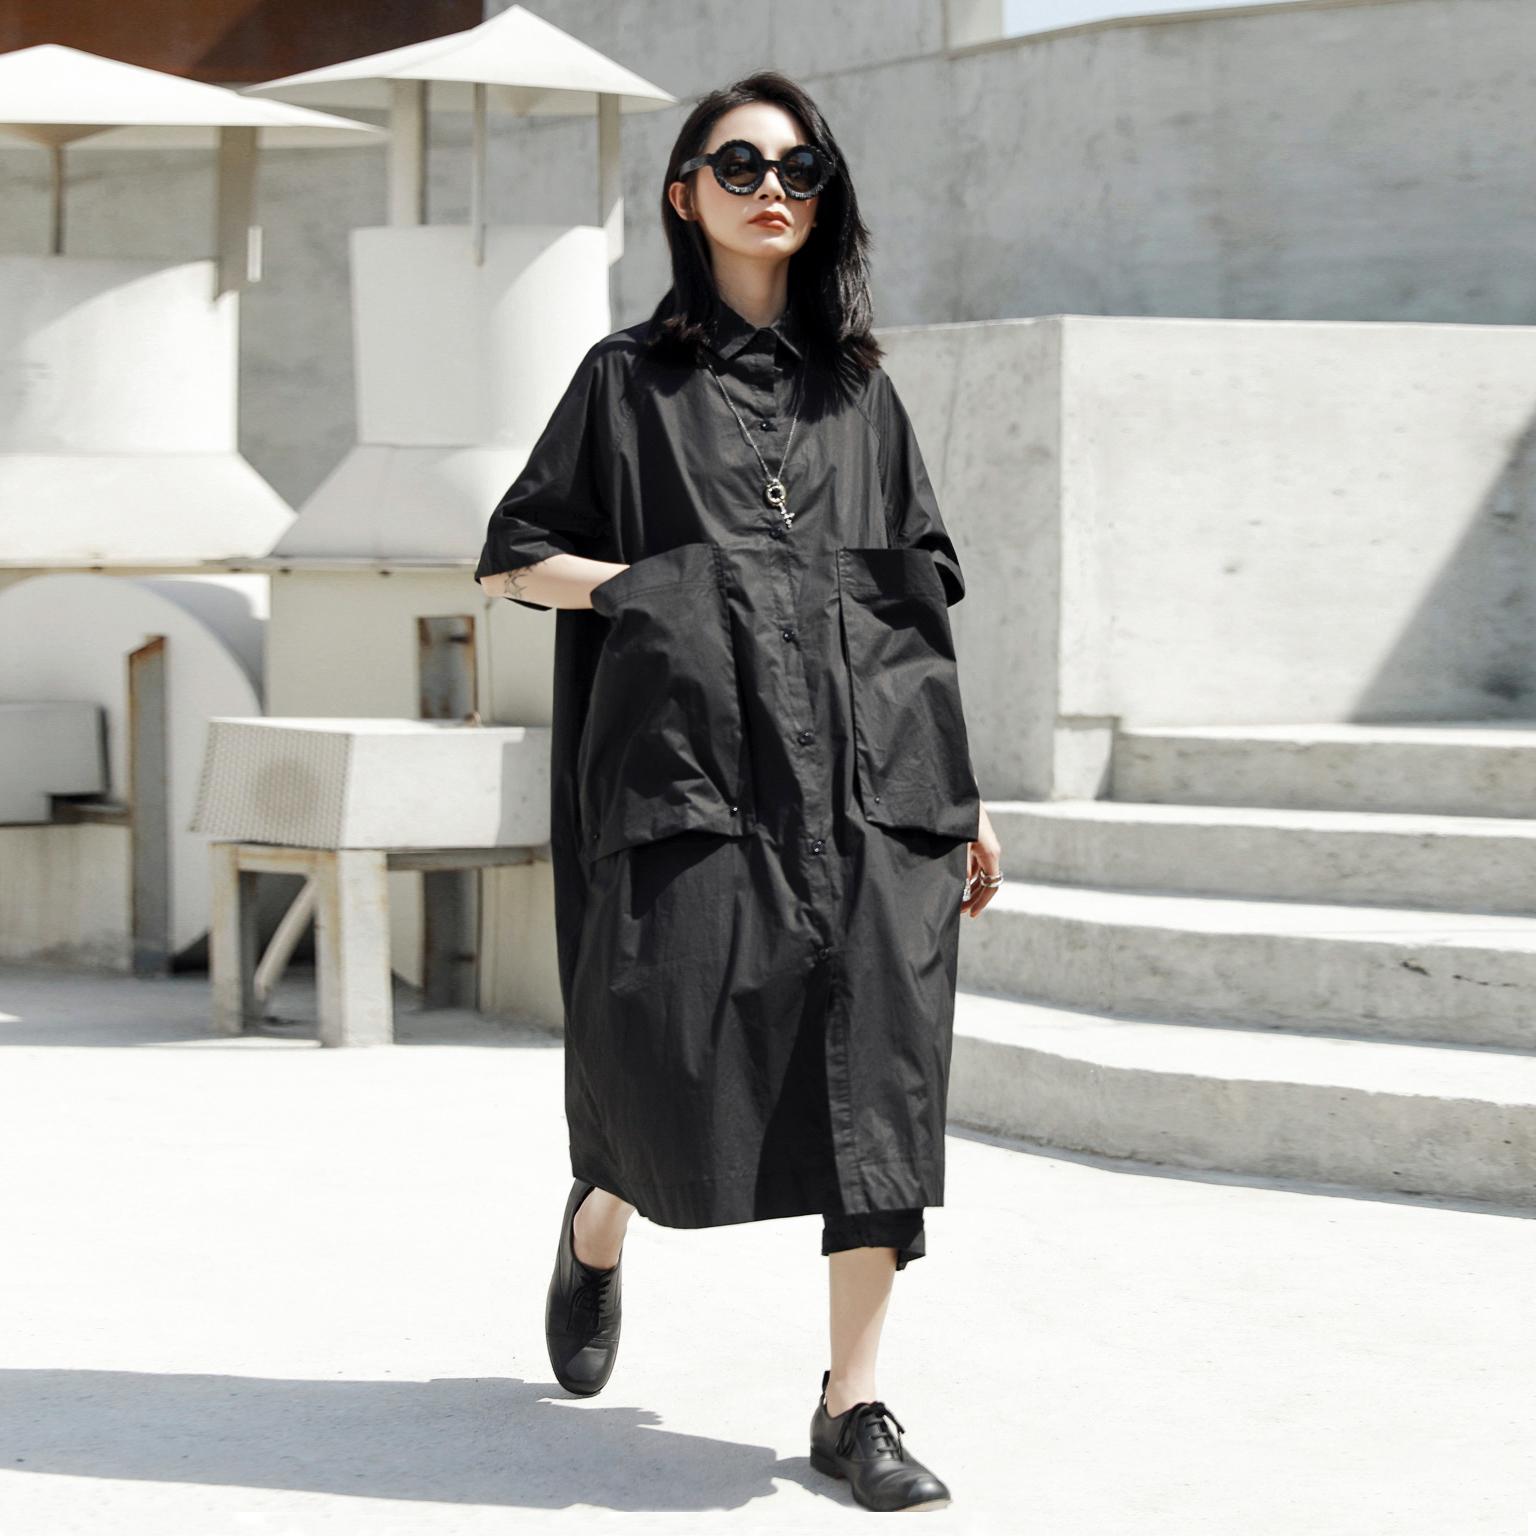 宽松大码连衣裙 SIMPLE BLACK 夏季新款暗黑风简约宽松大码短袖衬衫连衣裙_推荐淘宝好看的宽松大码连衣裙